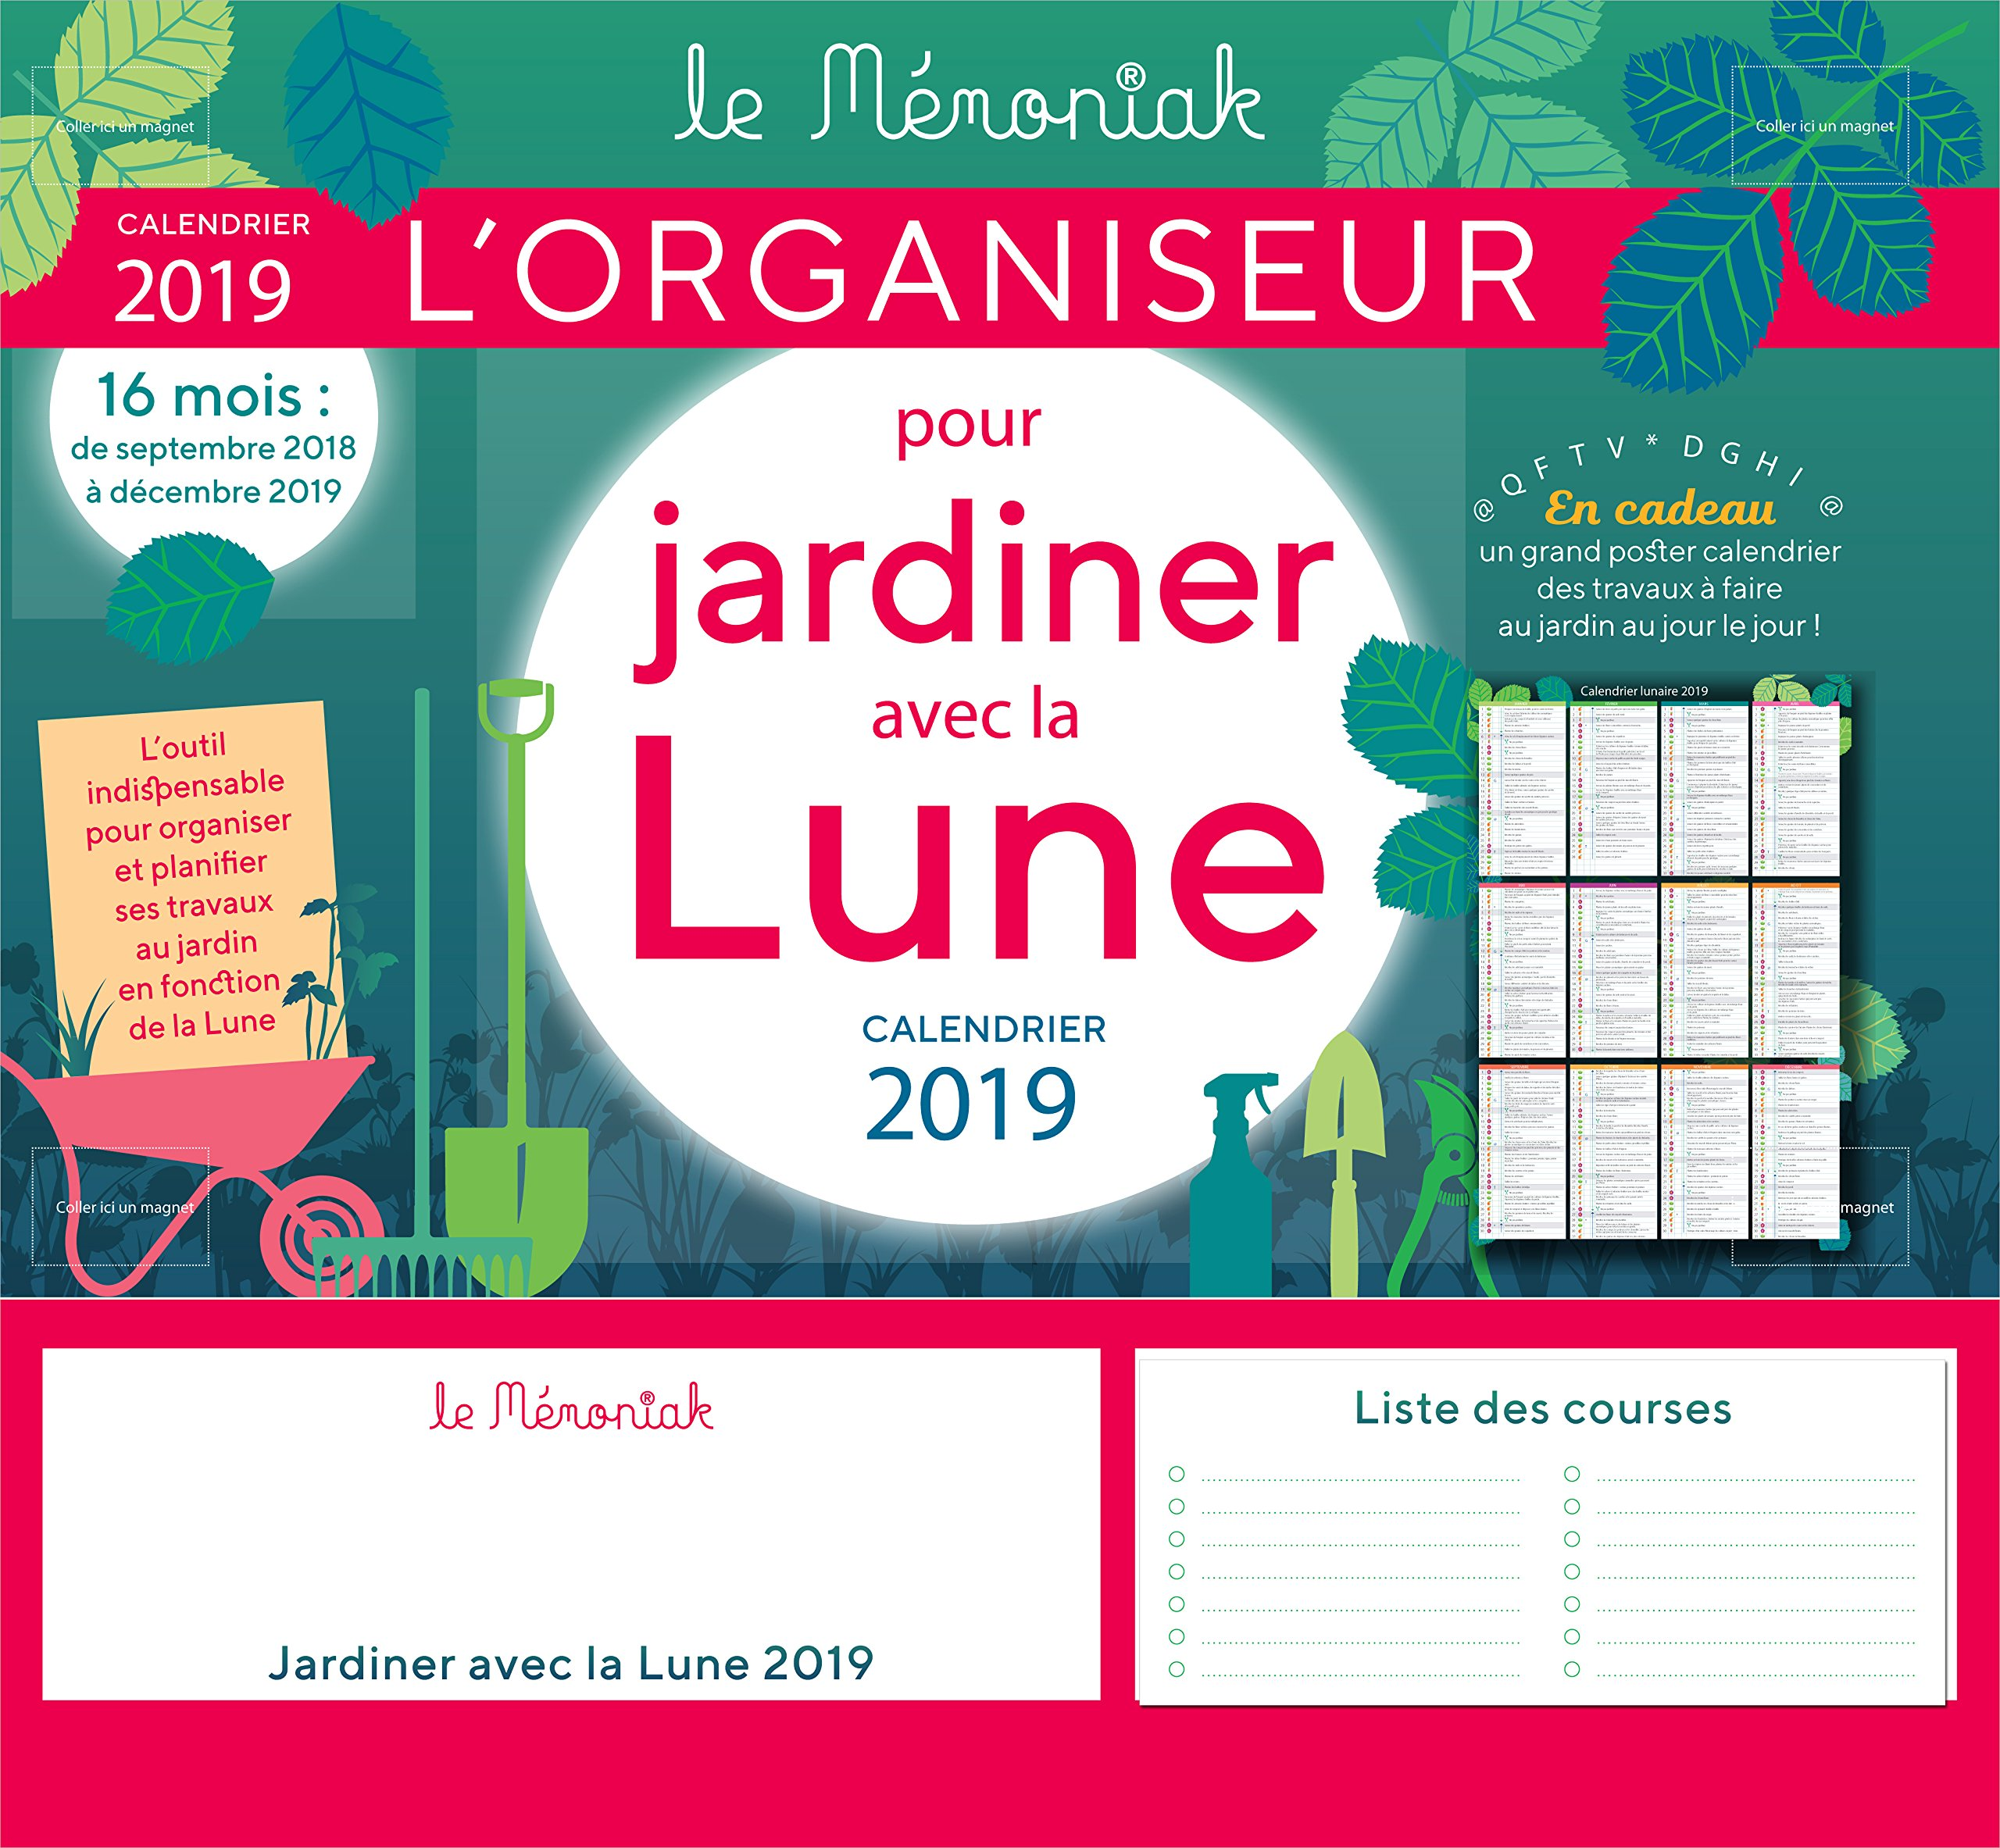 Calendrier Jardinage Lunaire 2019.Amazon Fr Organiseur Memoniak Pour Jardiner Avec La Lune